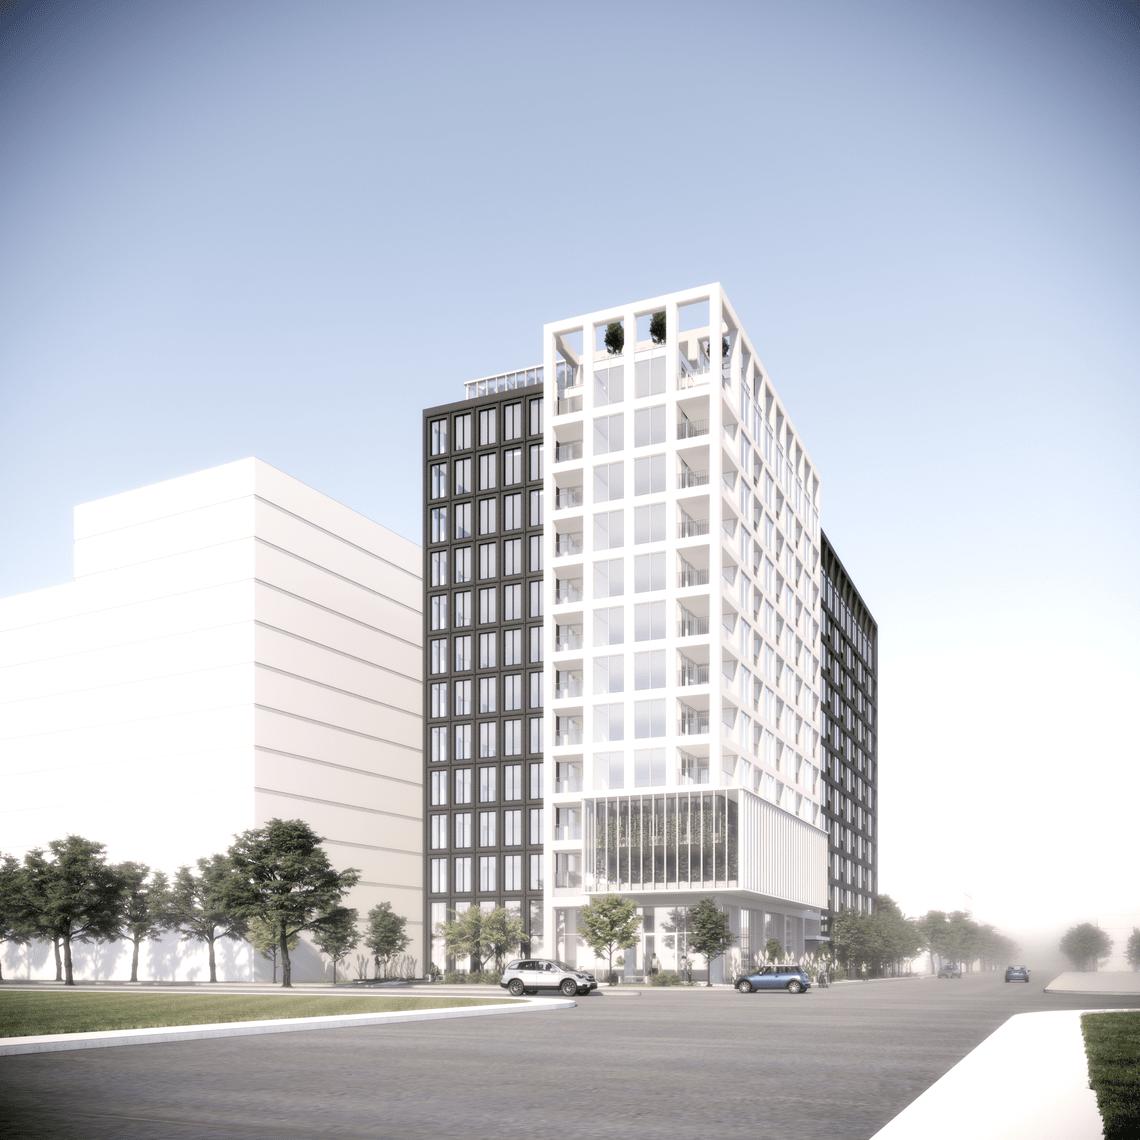 appartement to buy vertica